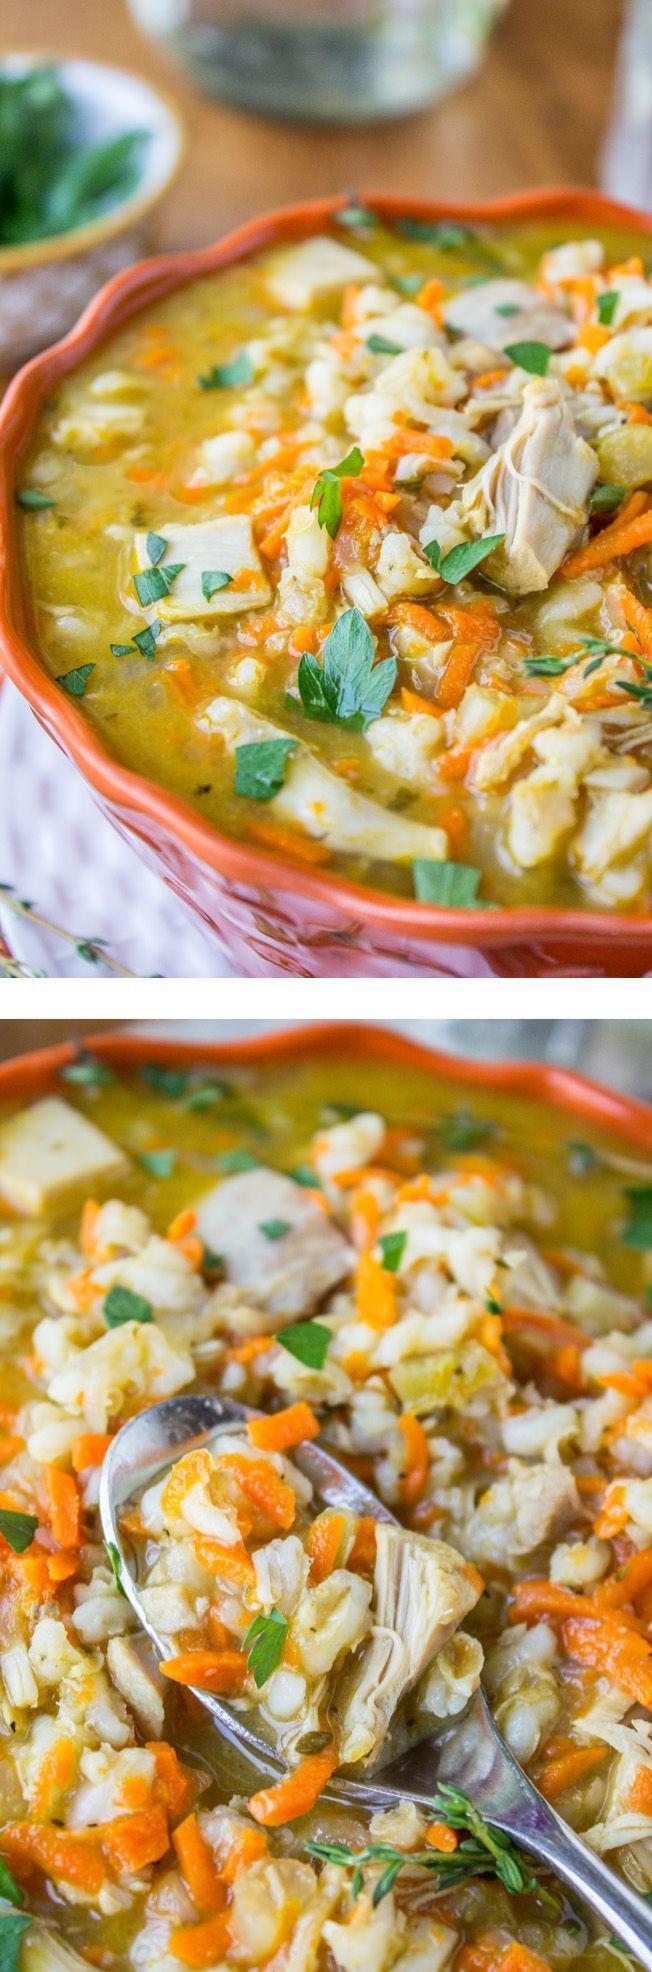 lemon and barley recipes dishmaps barley soup beef and barley soup ...